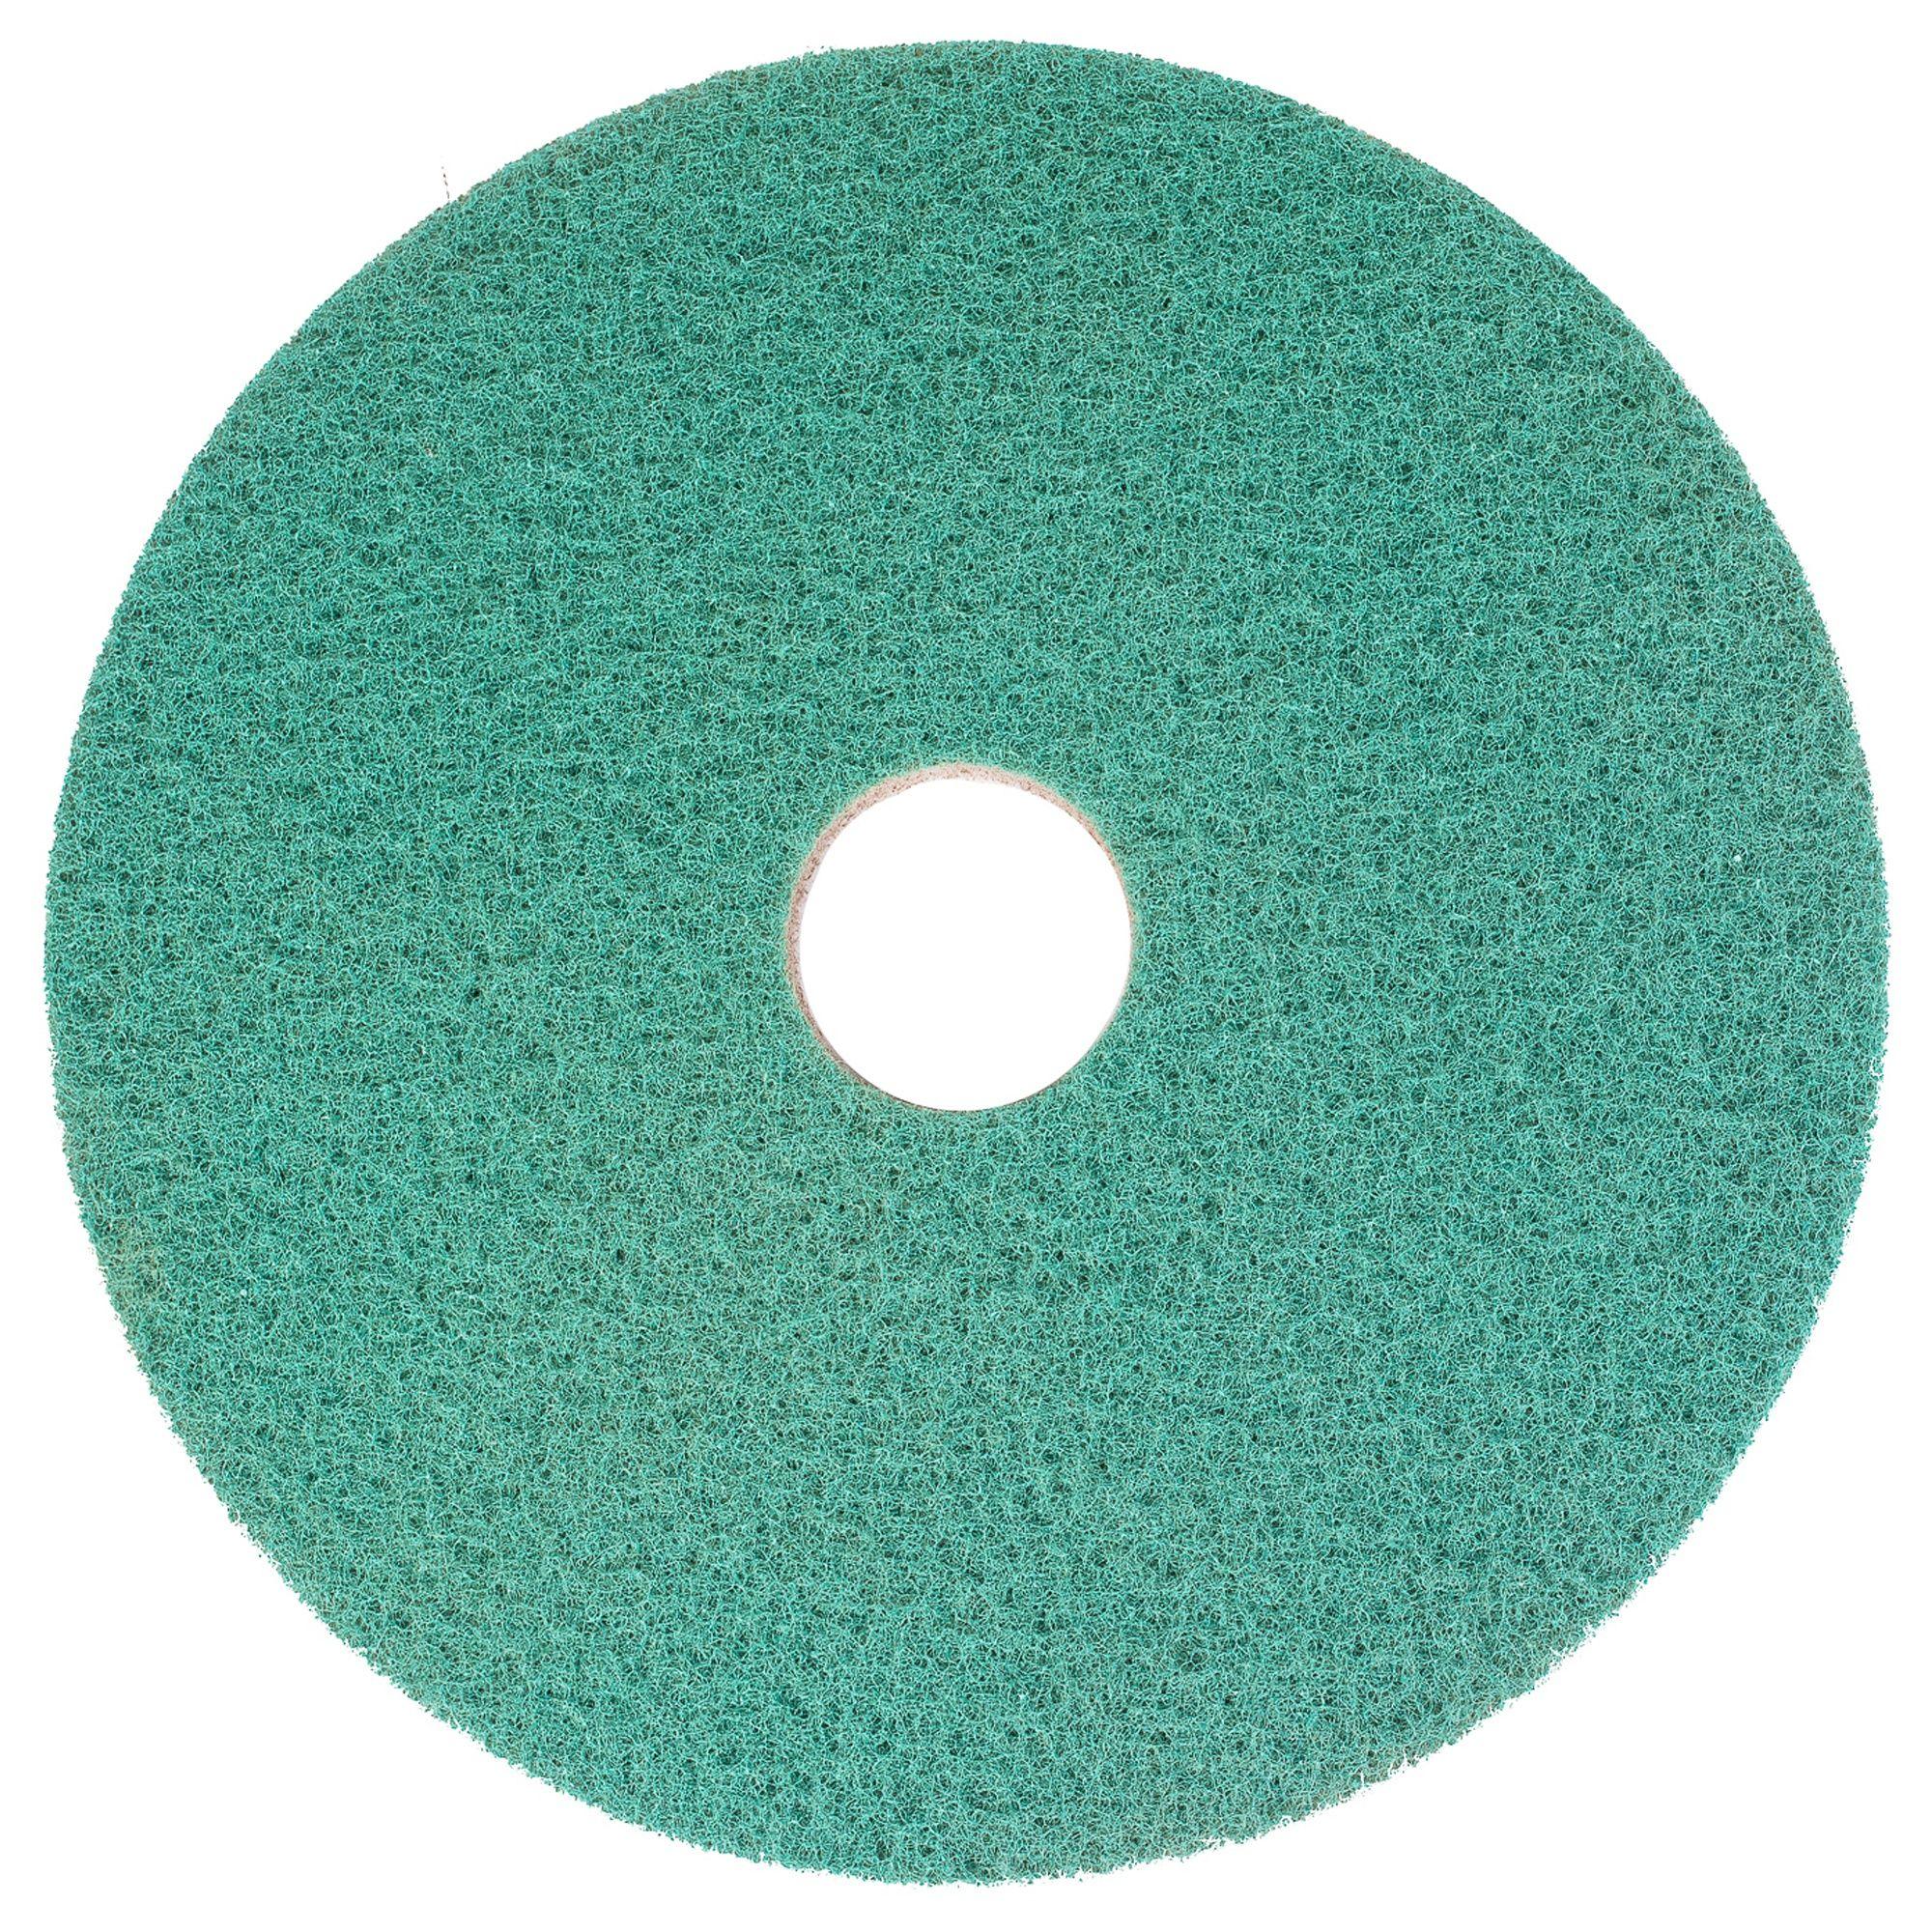 NuPad WaterOnly groen (polijsten), per 2 stuks, 14 inch / 355 mm